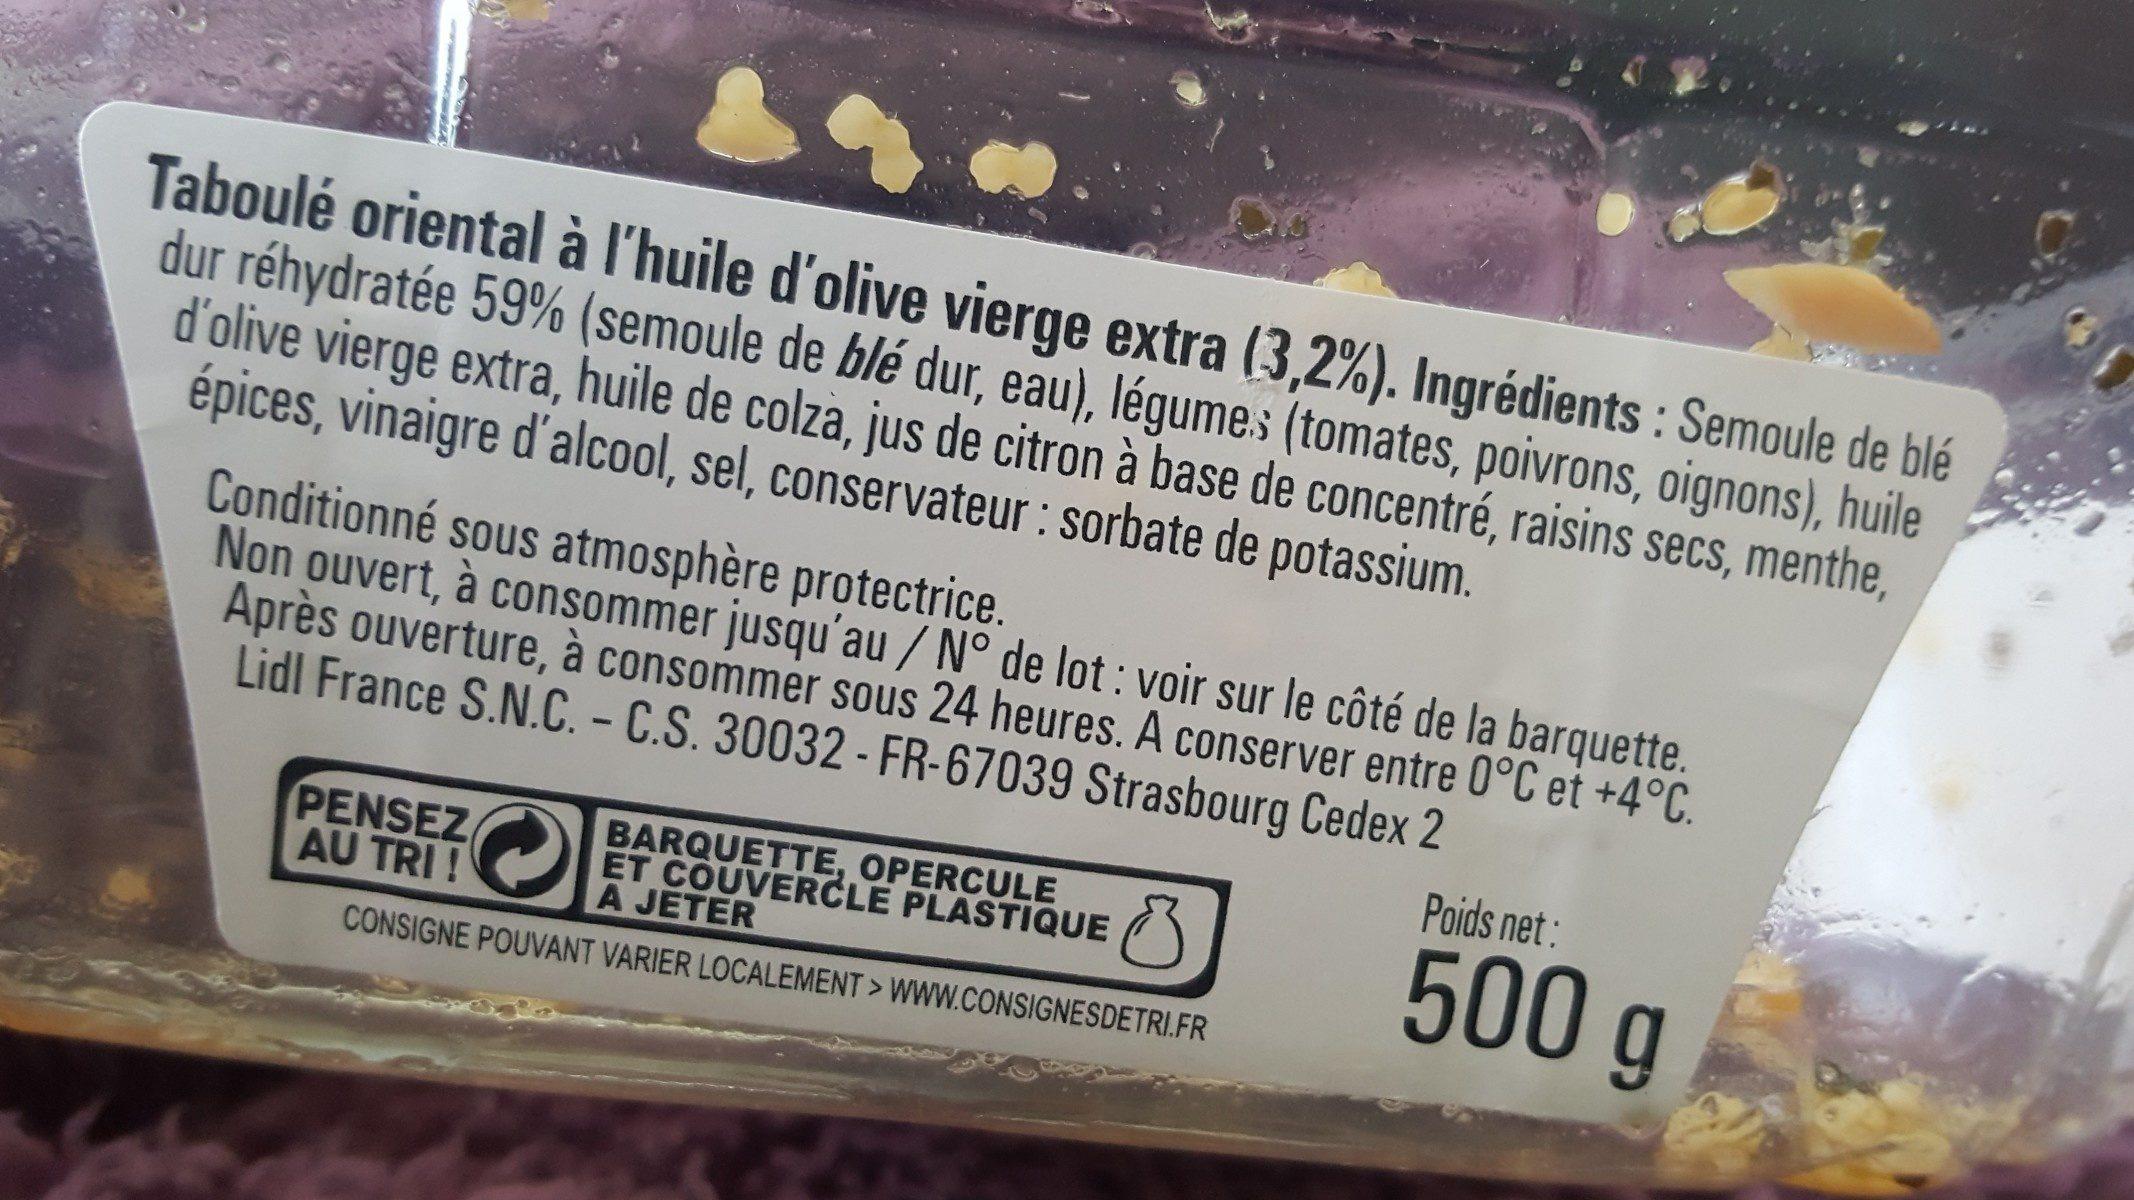 Taboulé poulet ciboulette - Ingrédients - fr